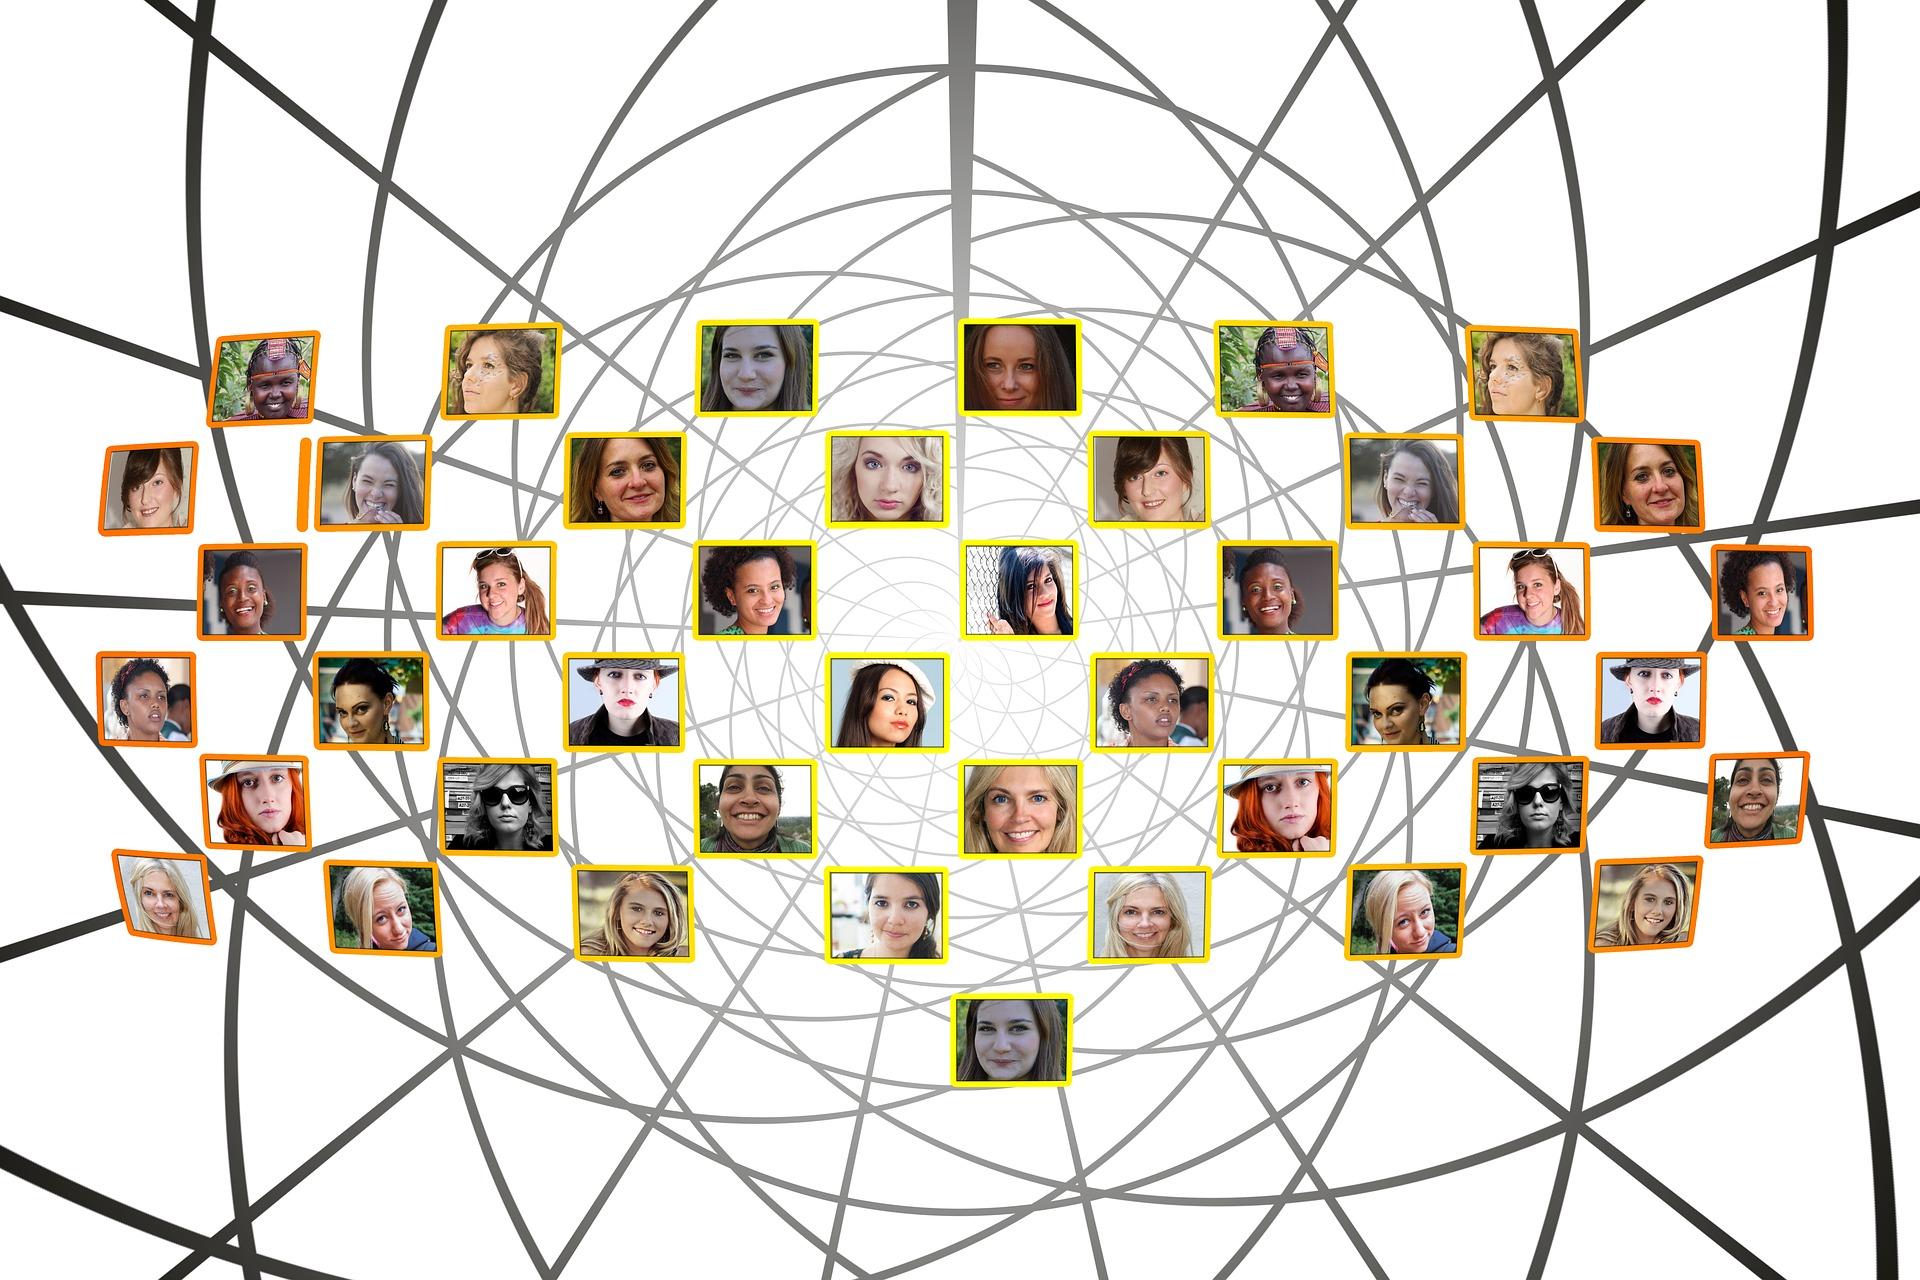 психология межличностных отношений